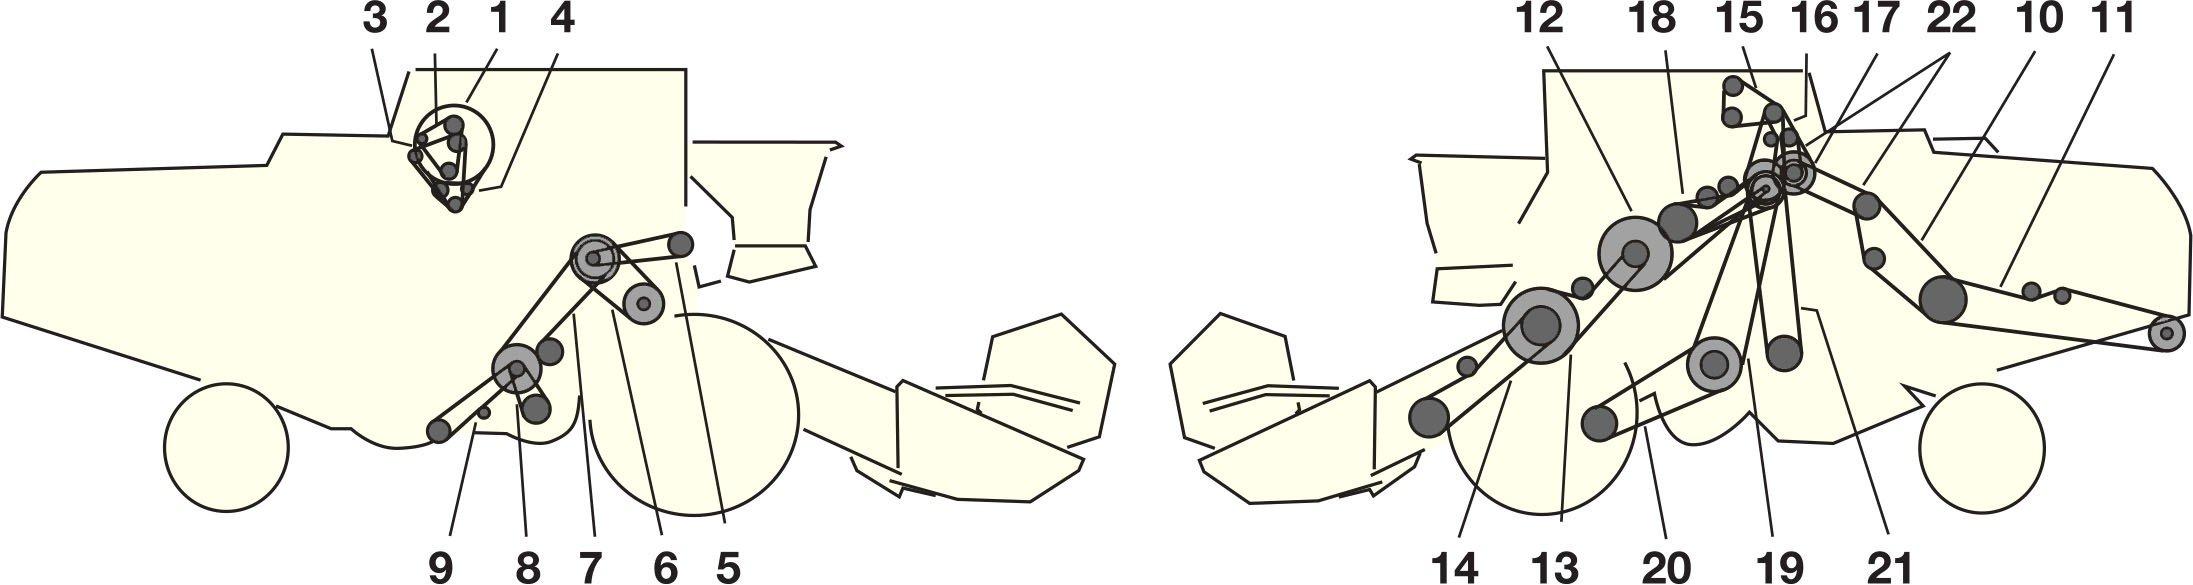 Елементи приводу комбайна Jone Deere 1188 - 1188 HYRDO 4